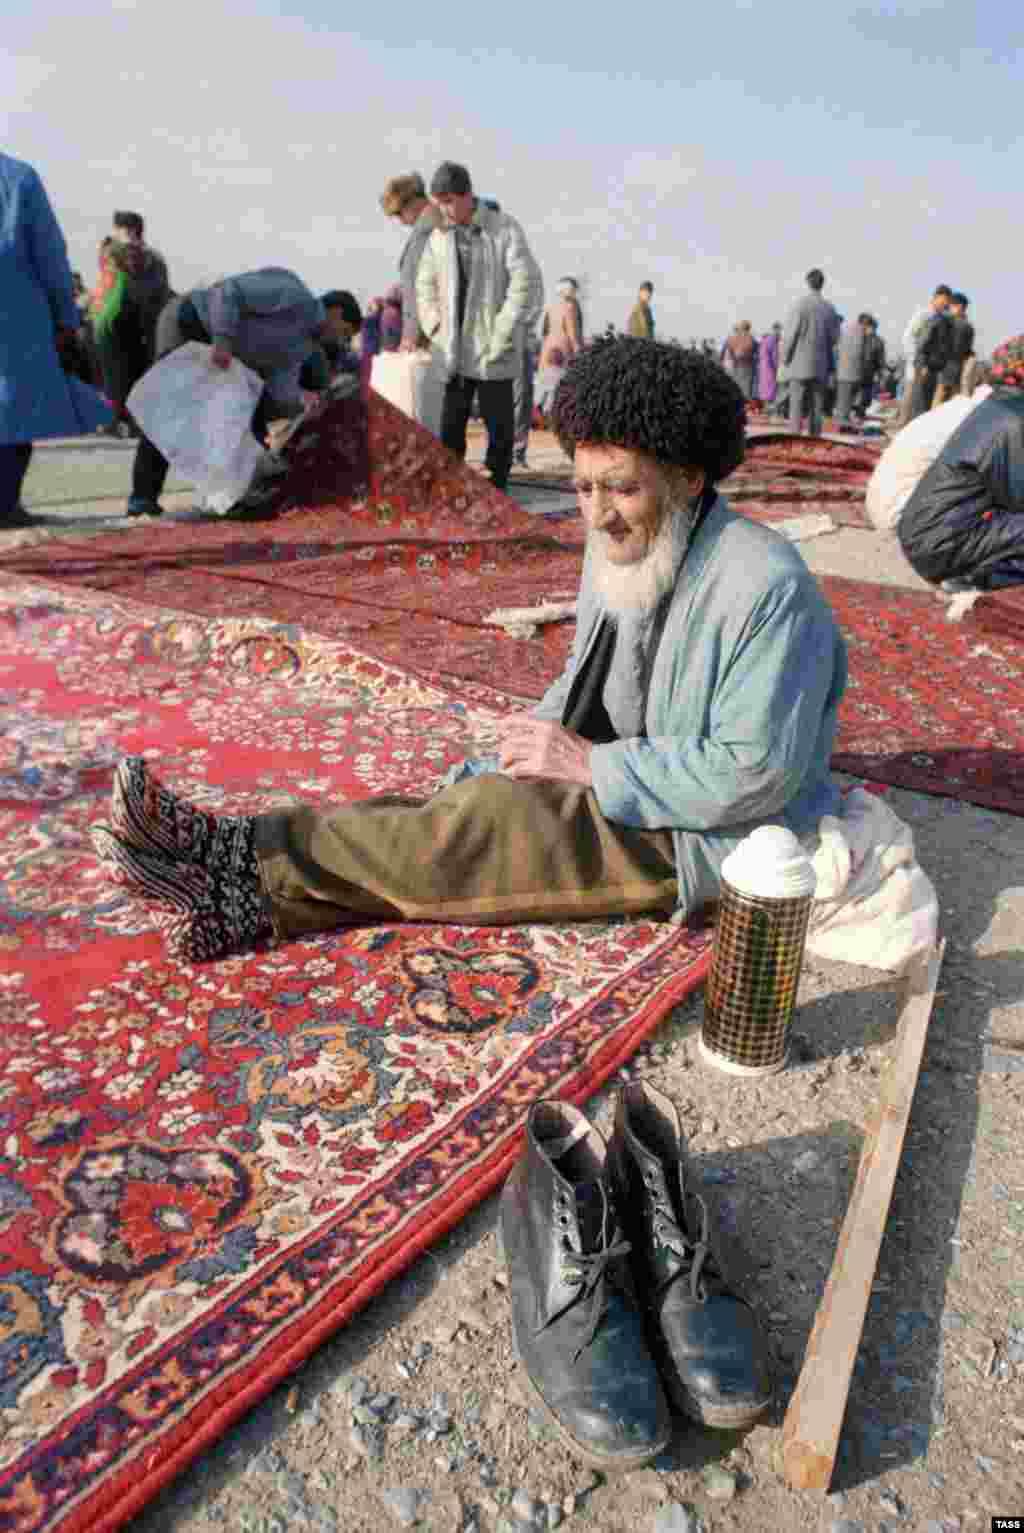 В Туркменистане ковер –национальное достояние. По всей стране раскиданы рынки, где торгуют коврами. На фото – блошиный рынок в окрестностях Ашхабада